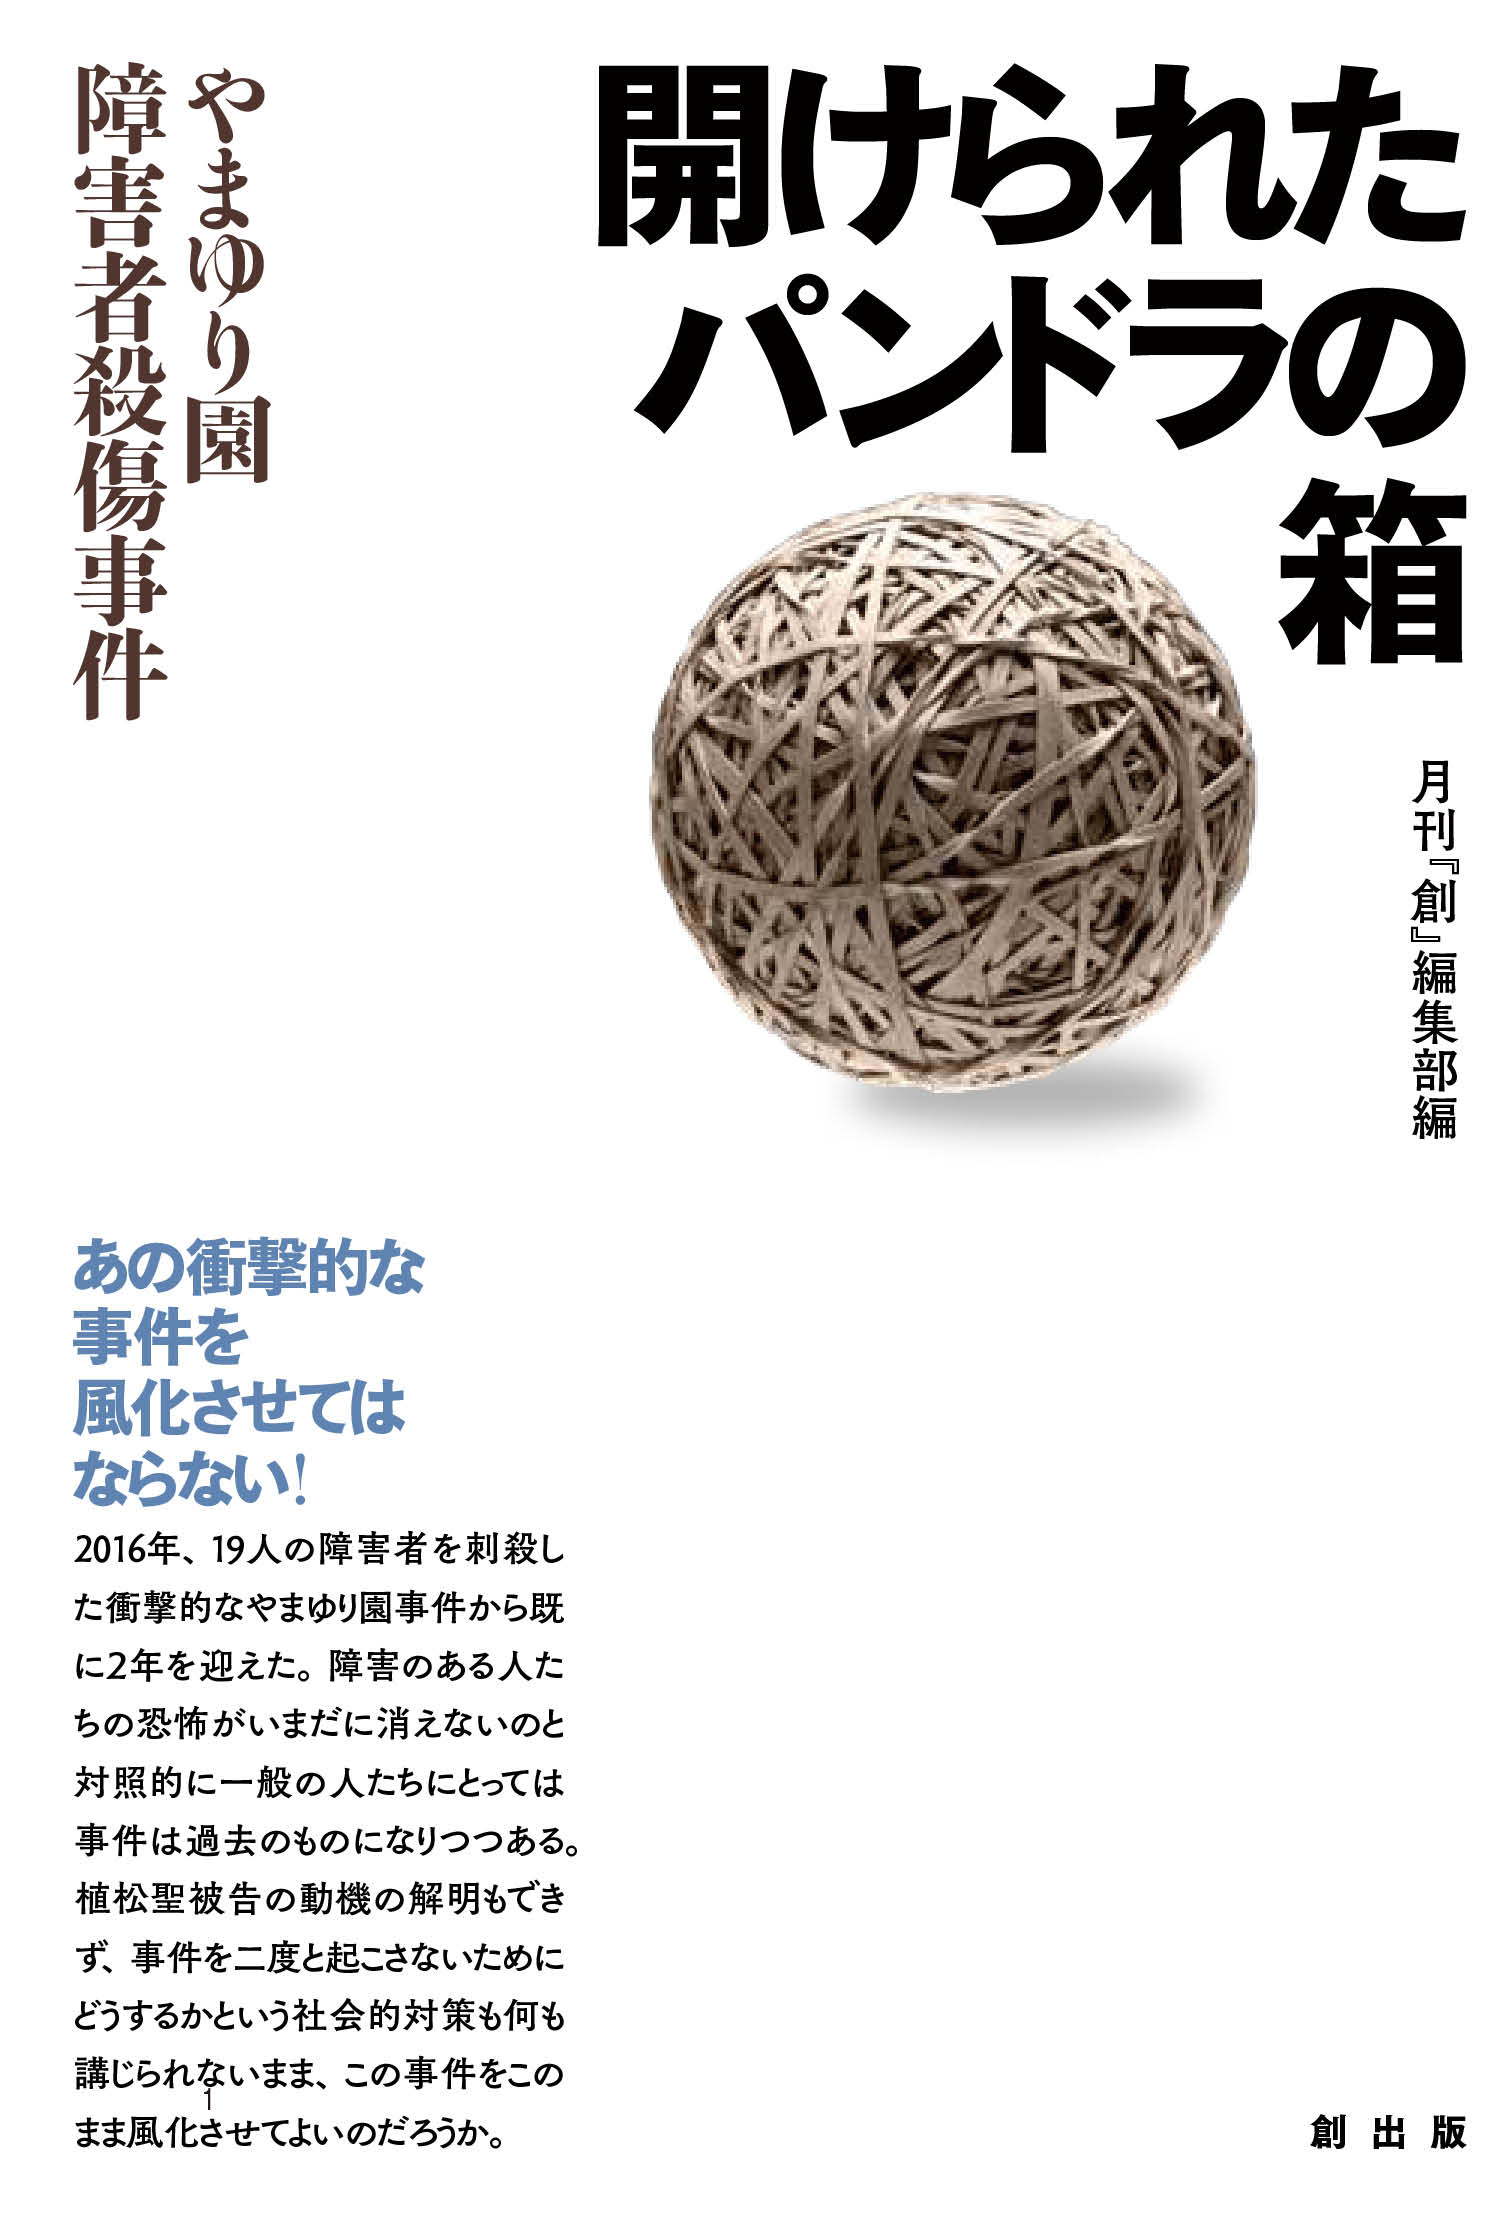 新刊『開けられたパンドラの箱 やまゆり園障害者殺傷事件』先行販売のお知らせ